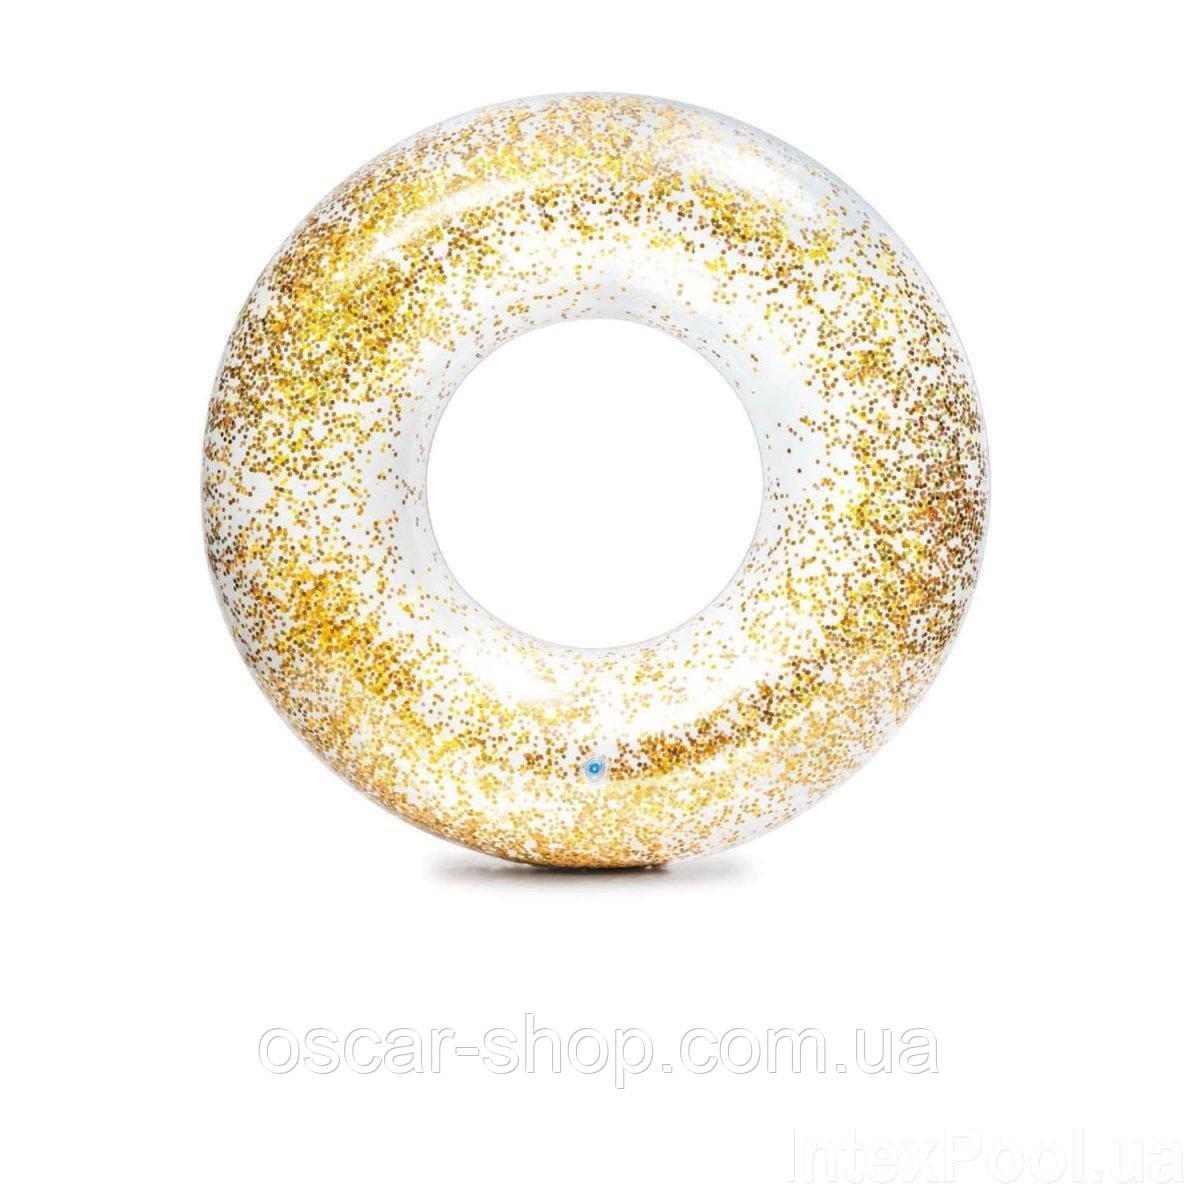 Надувной круг Intex  «Золотой блеск», 119 см, золотой